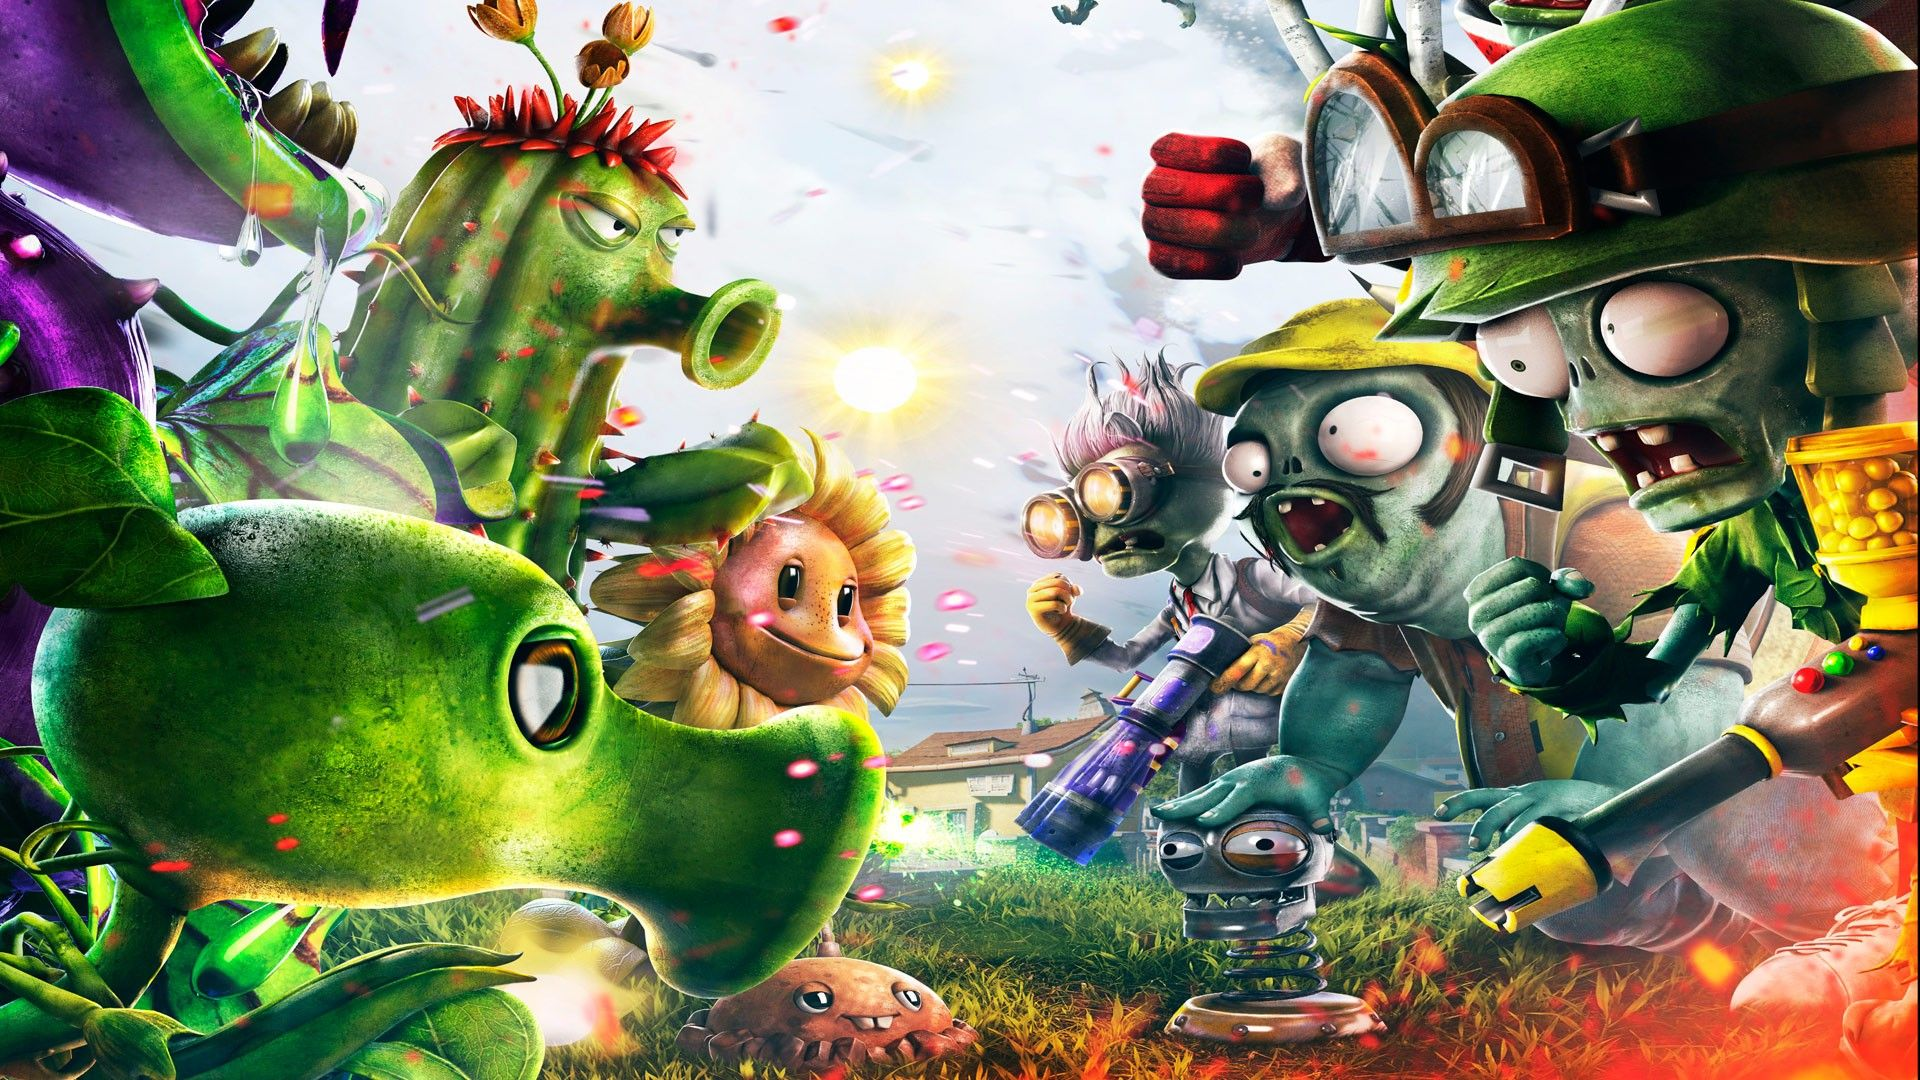 Plants Vs Zombies: Garden Warfare Computer Wallpapers